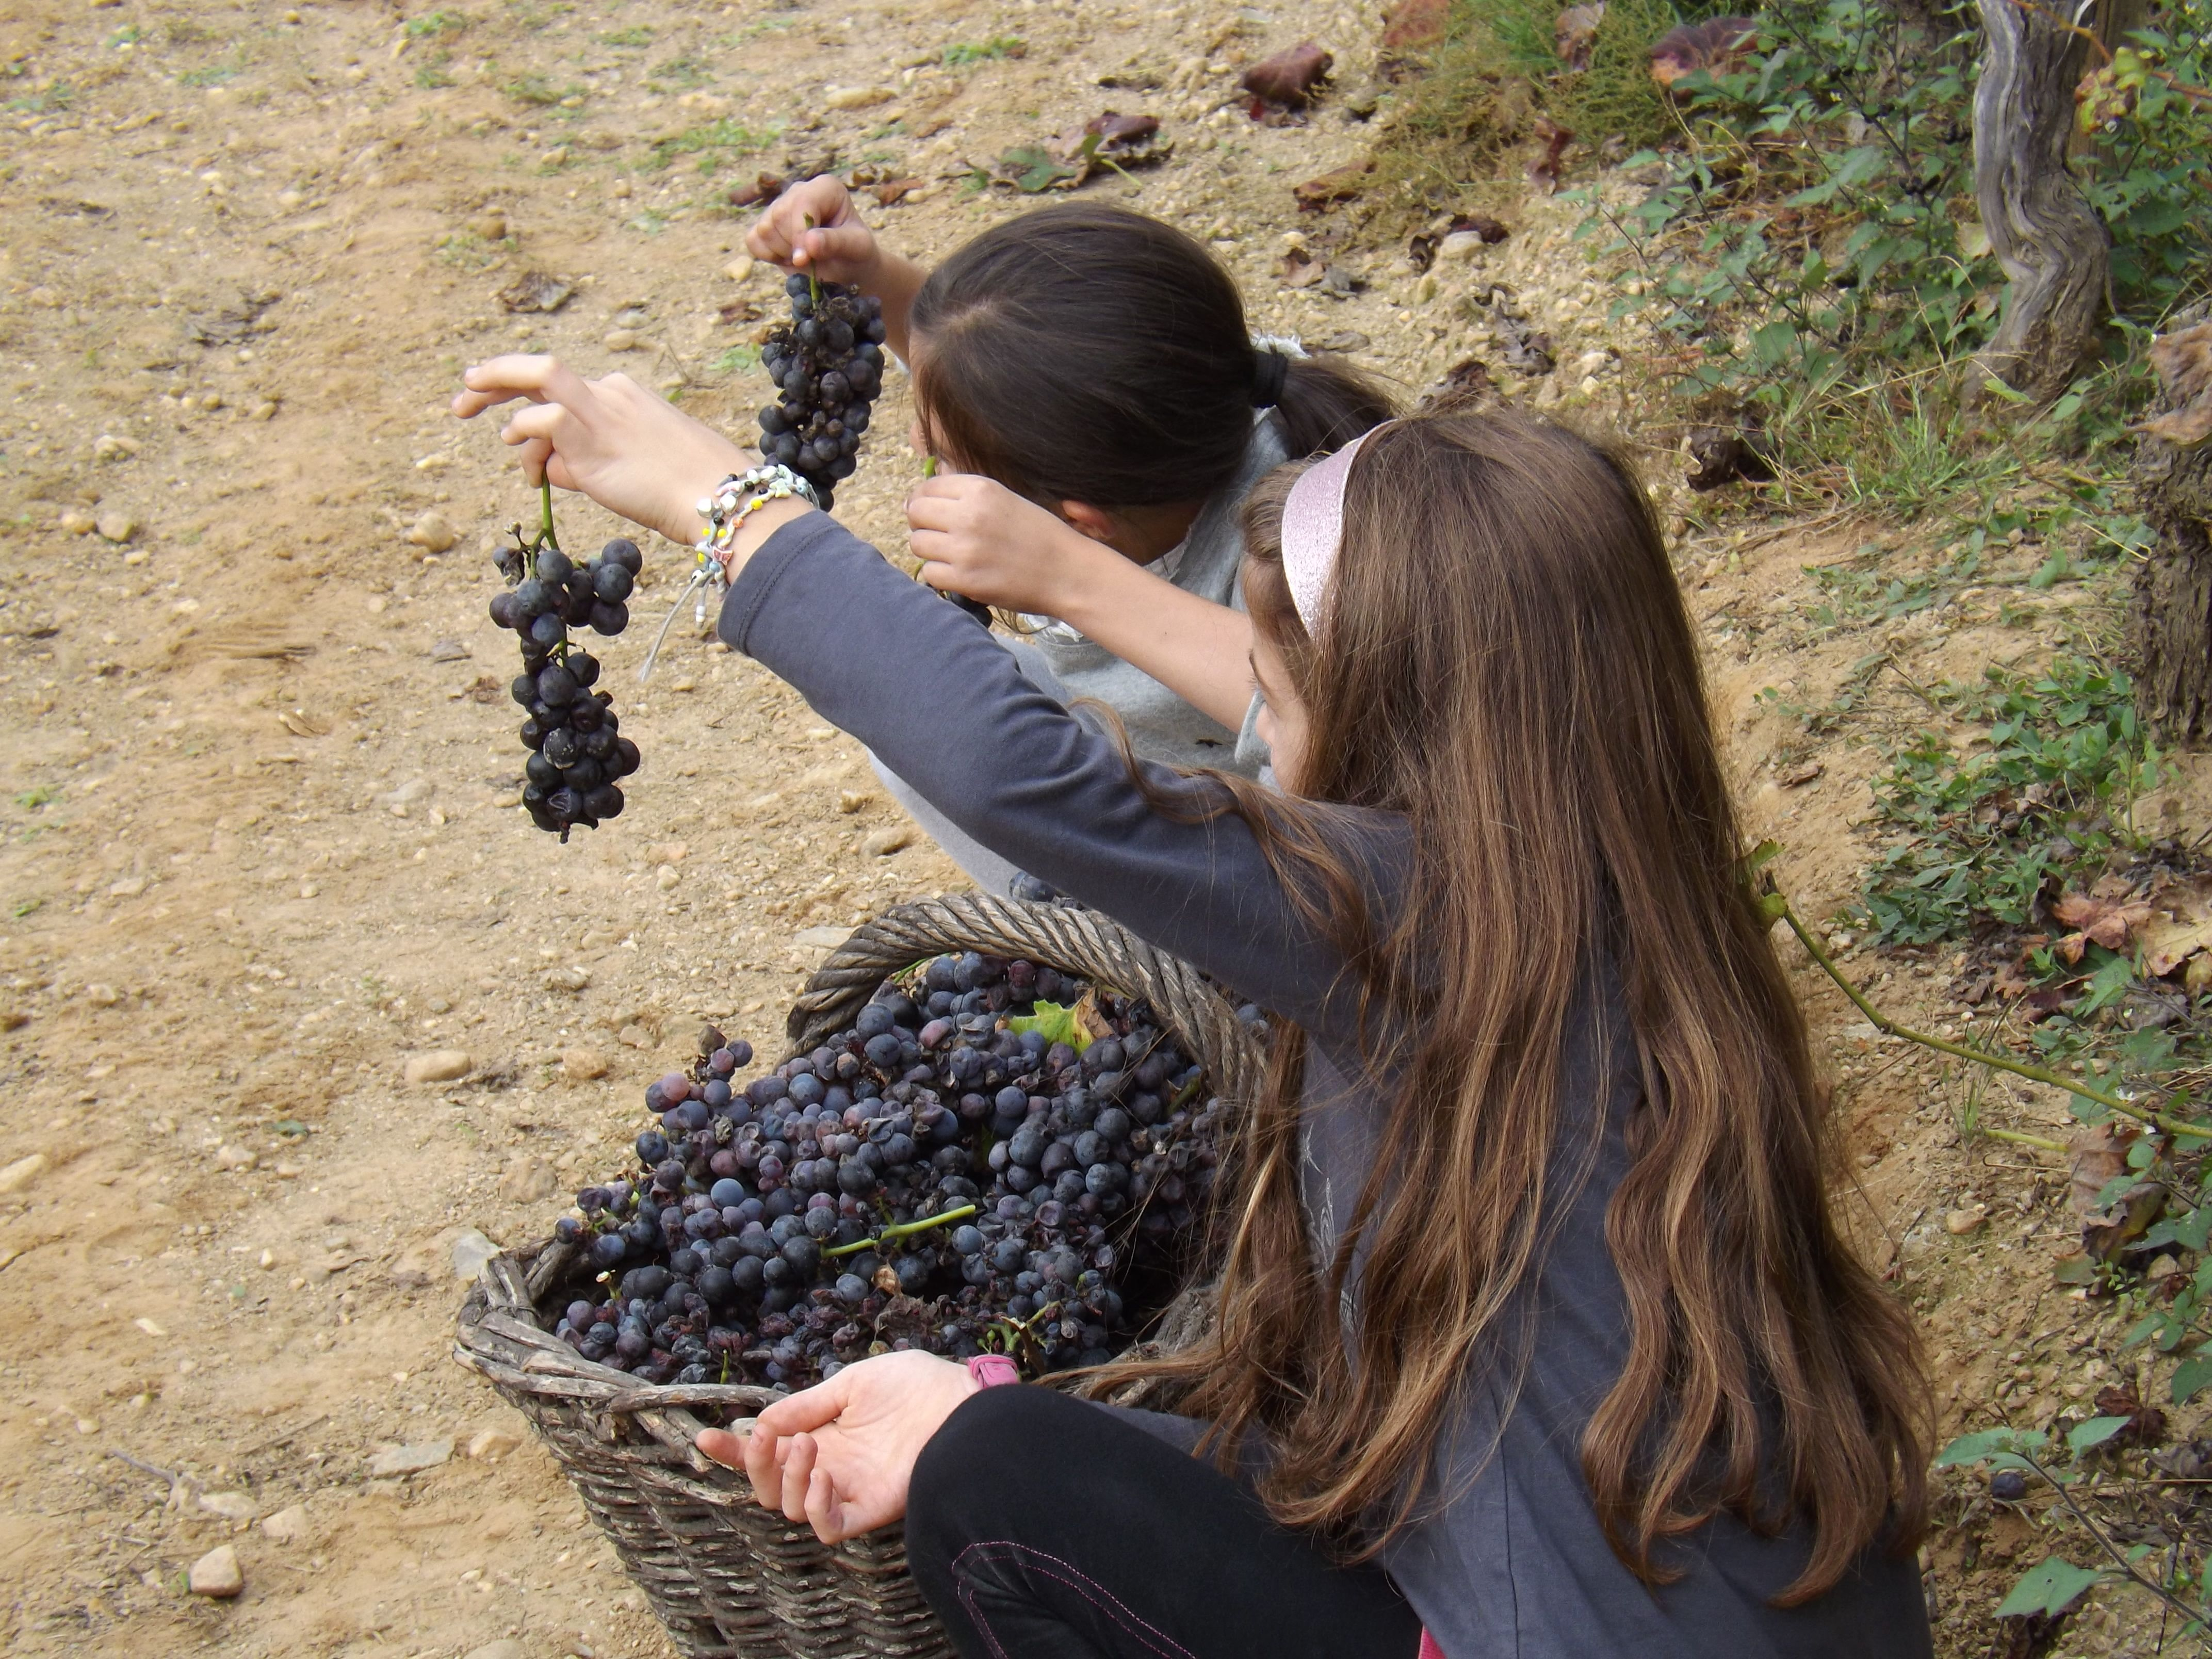 Lo spettacolo dei grappoli raccolti